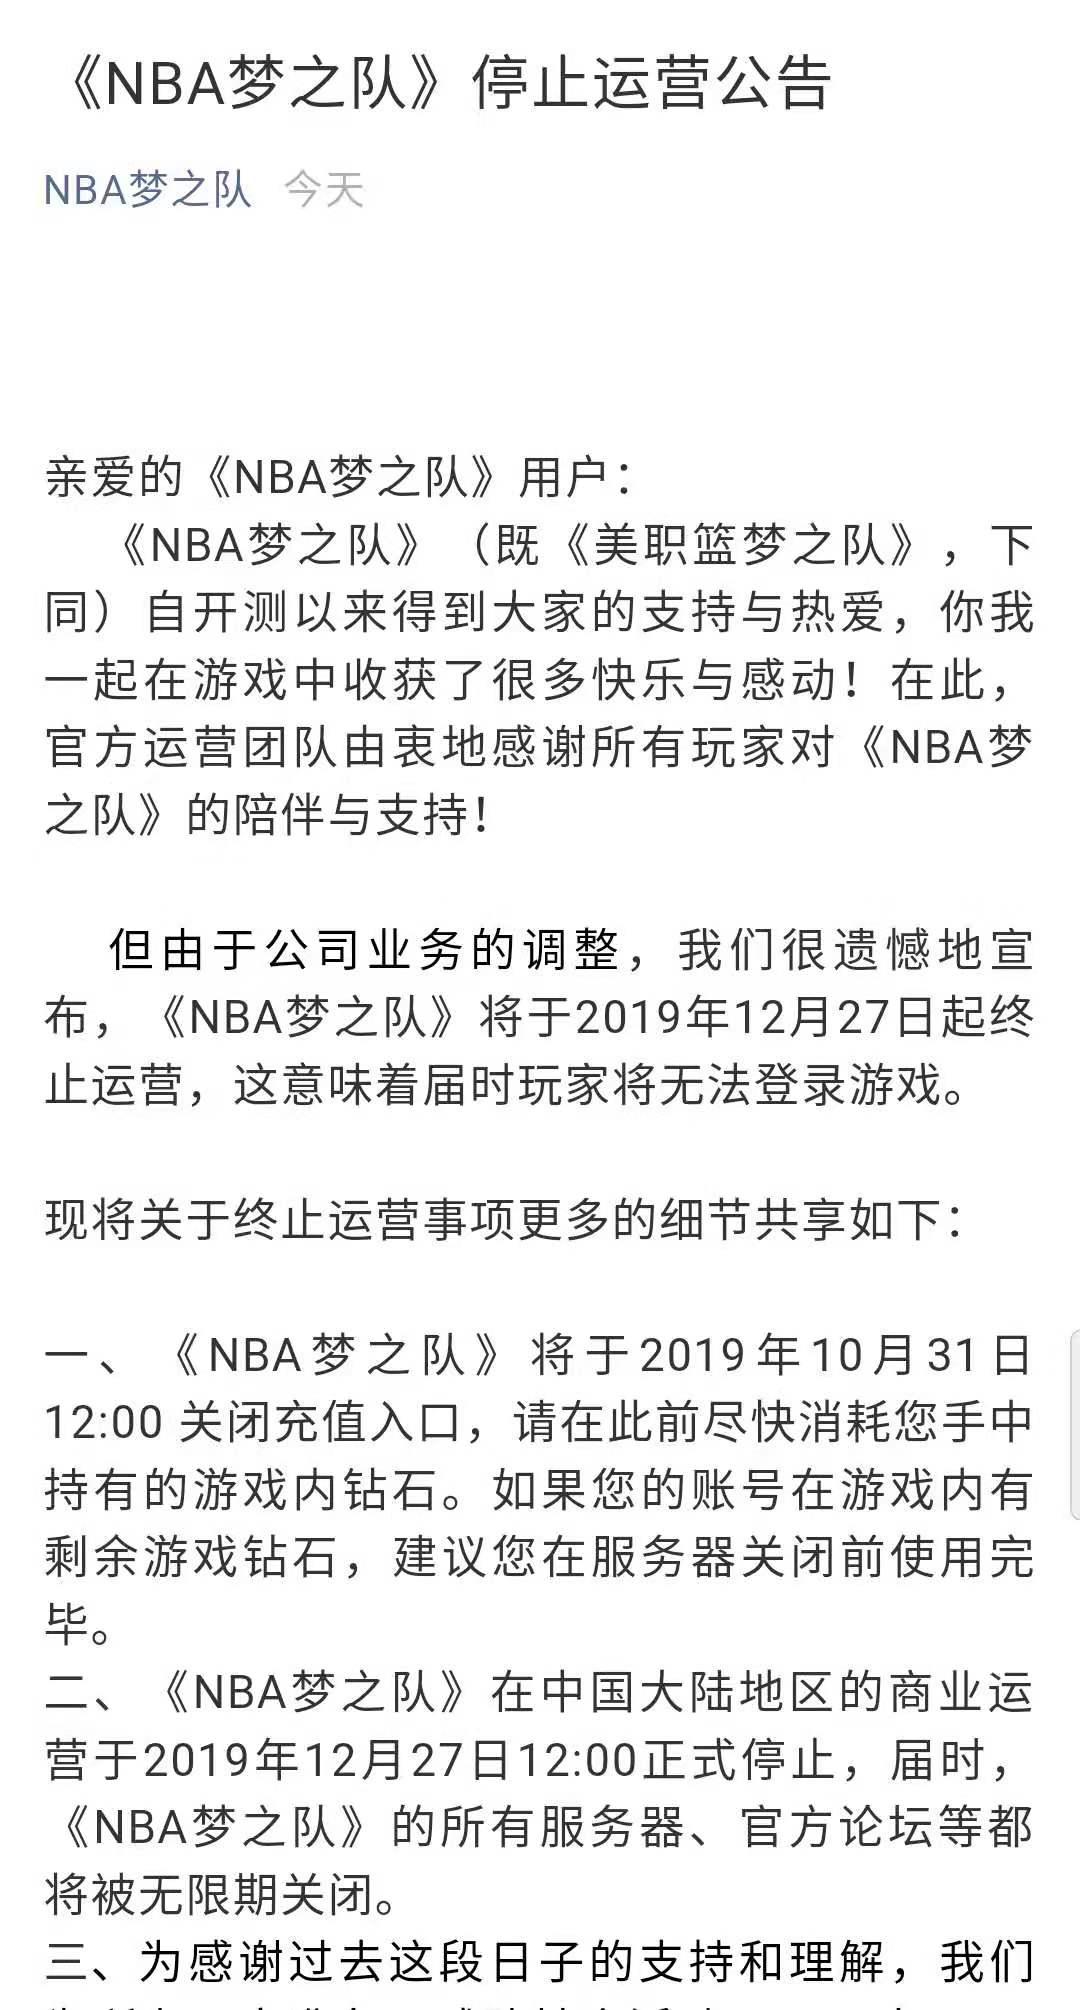 《NBA梦之队》手游将于今年12月27日起停止运营